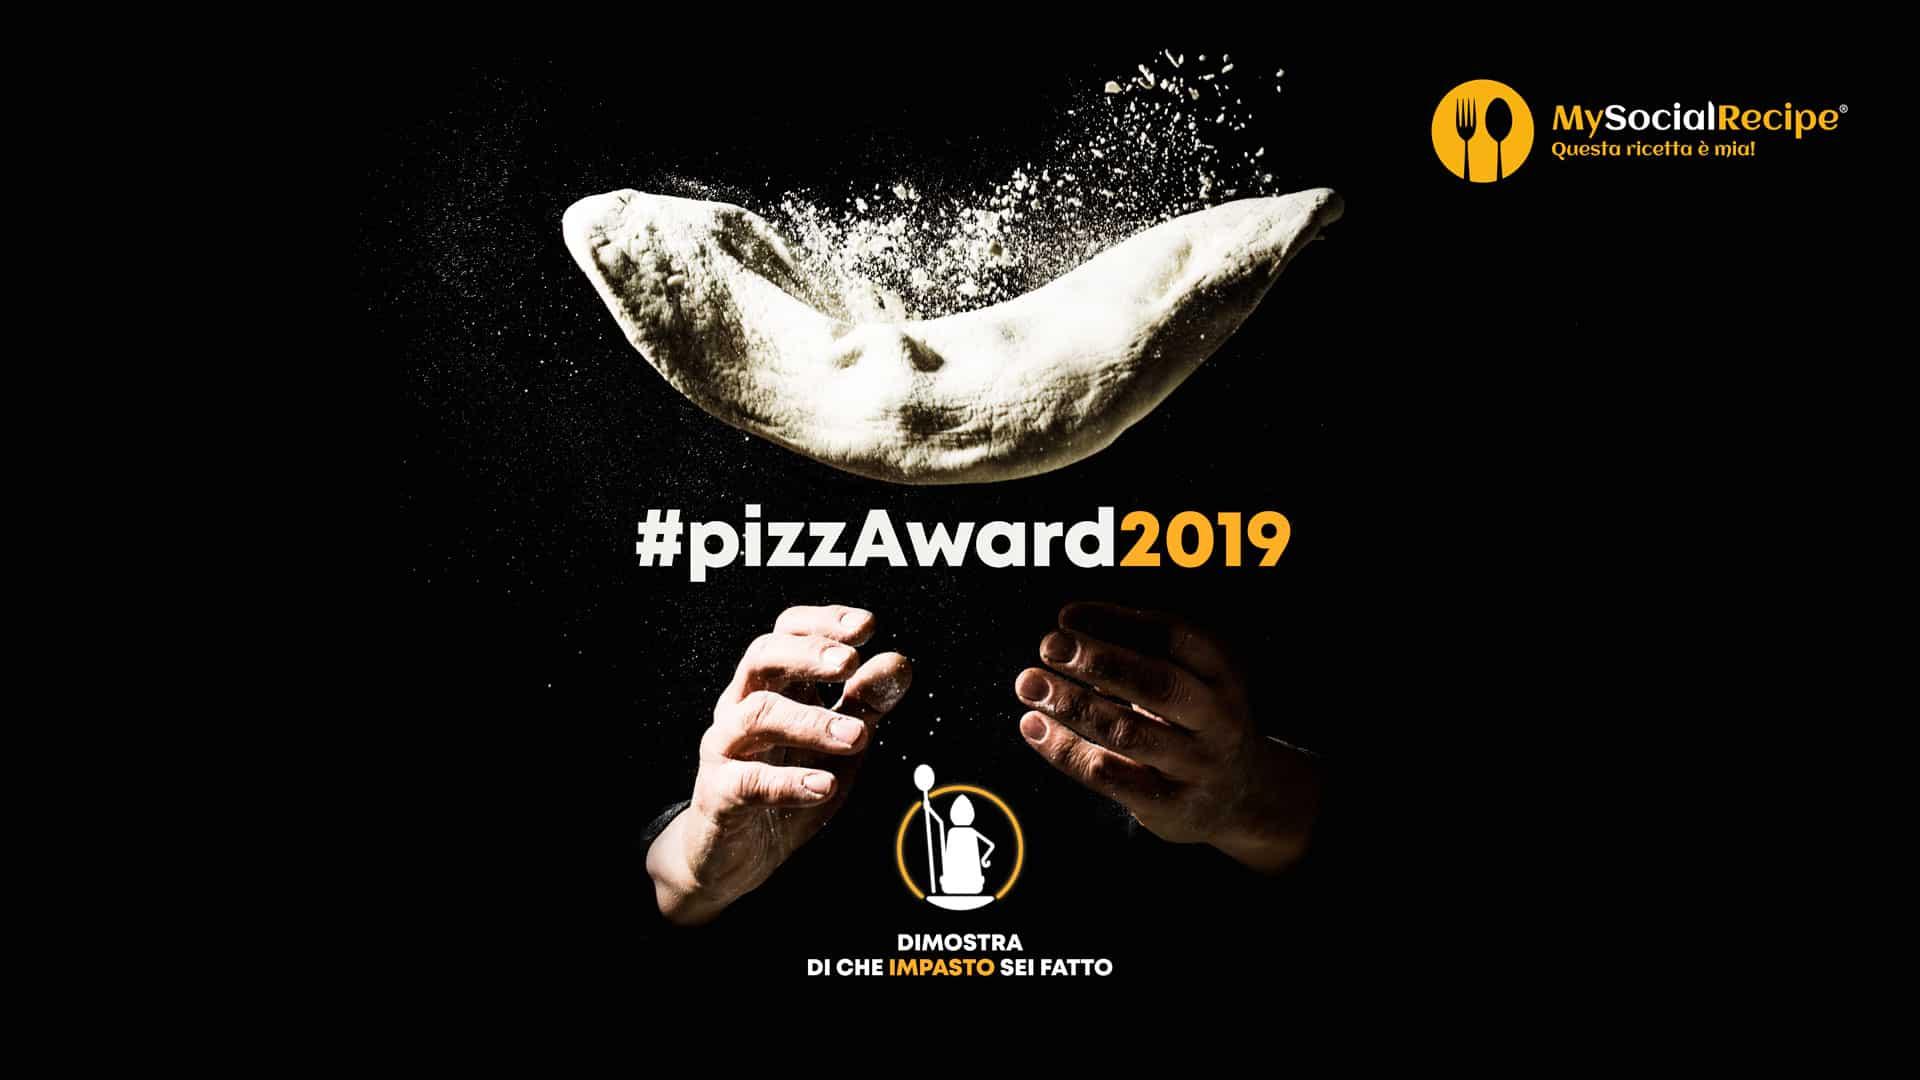 #pizzAward2019